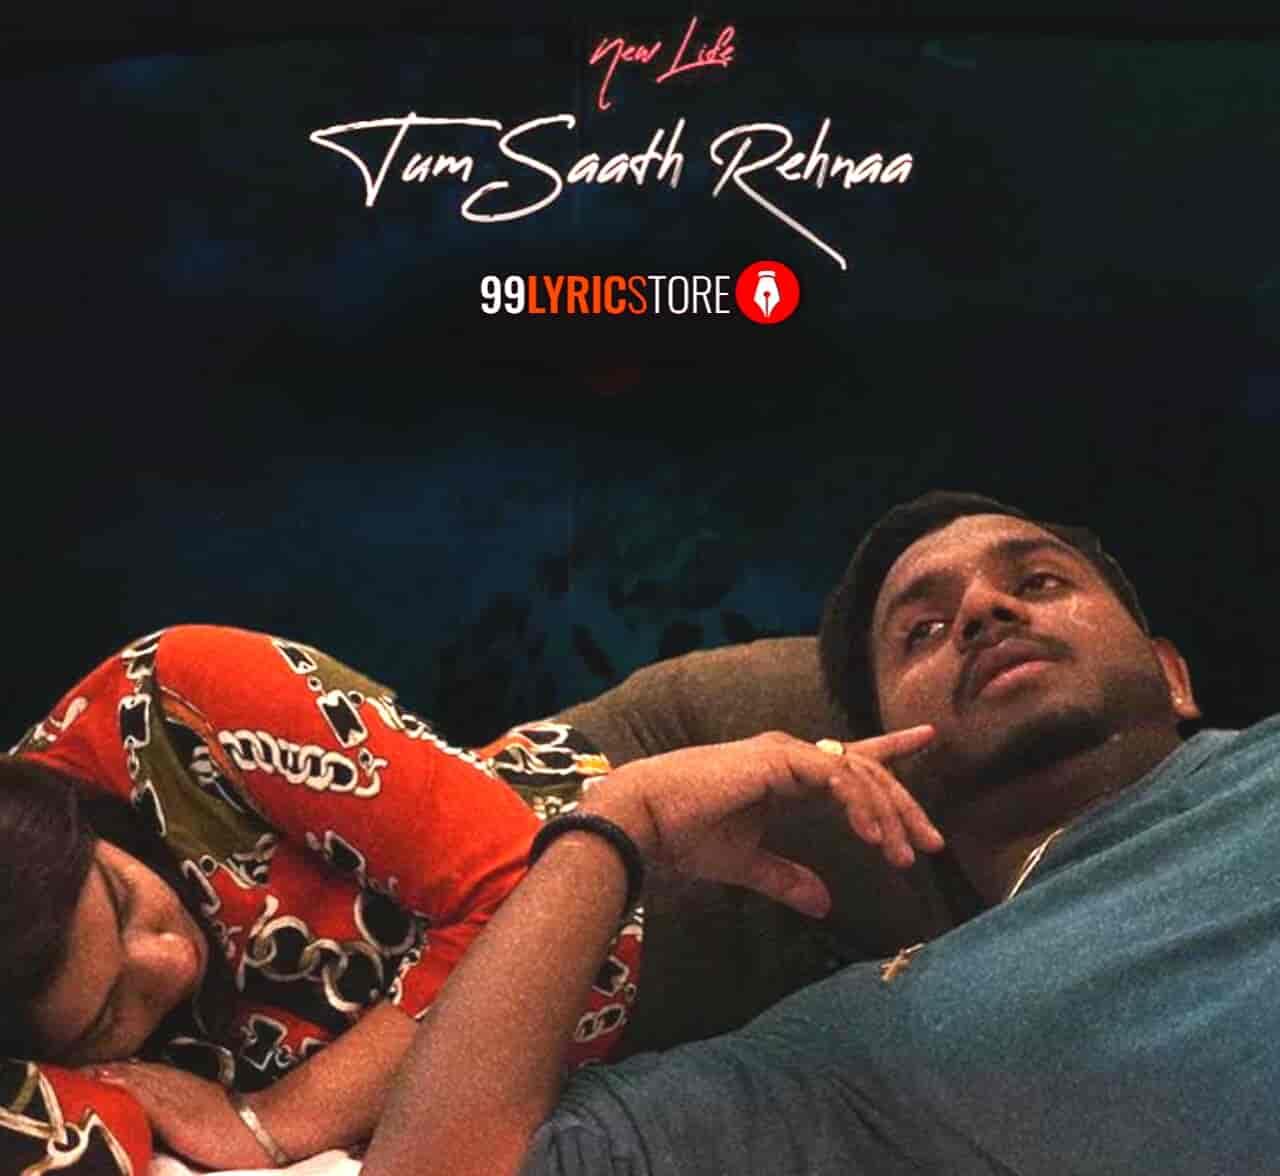 Tum Saath Rehnaa Hindi Song Images By King